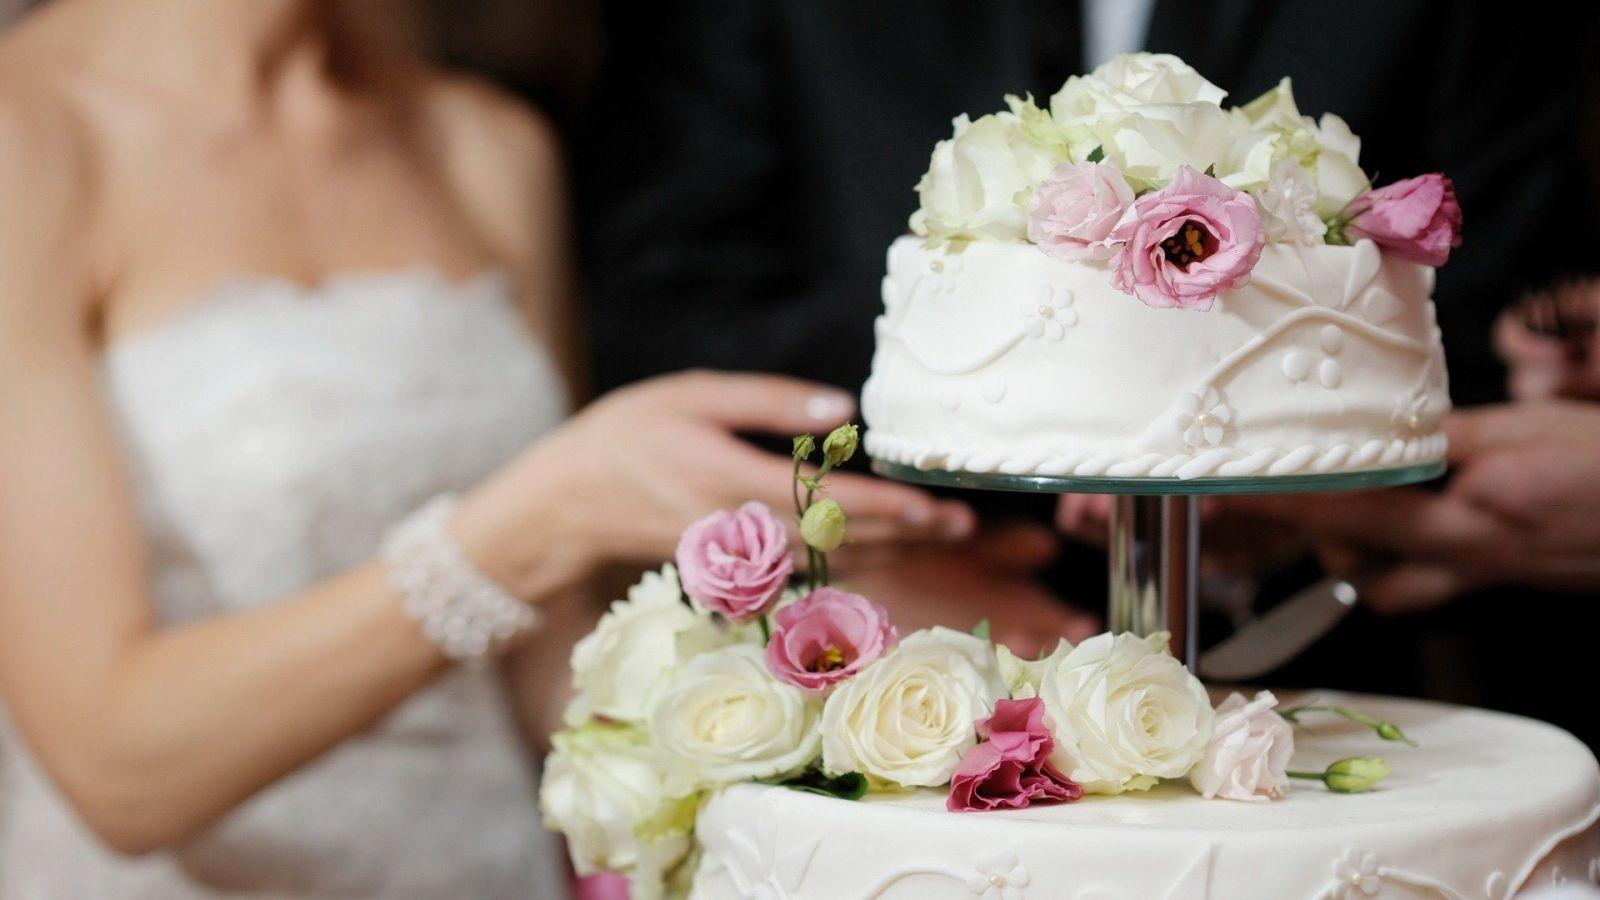 Ý nghĩa nghi thức cắt bánh cưới